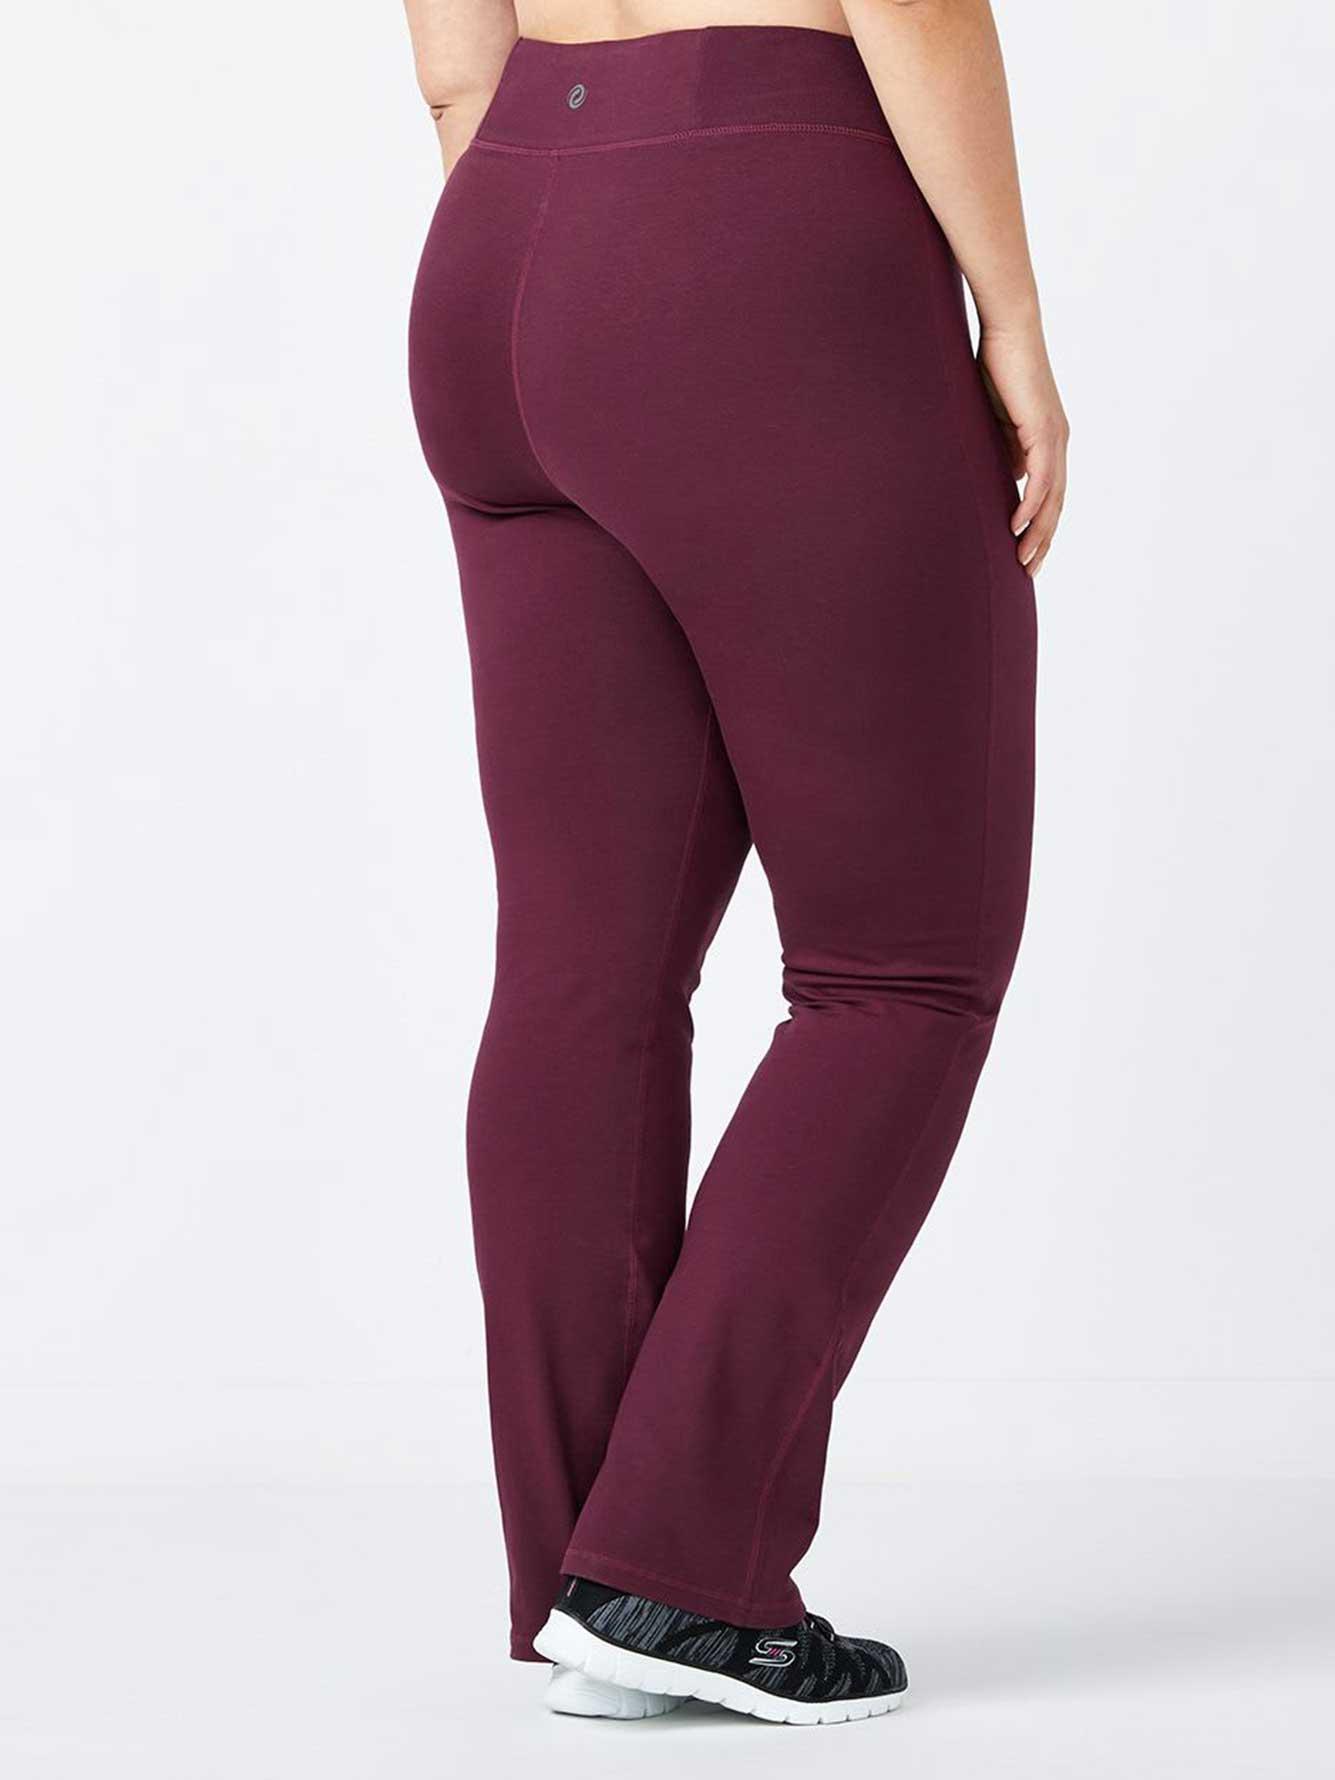 84c368582751d ONLINE ONLY - Plus-Size Yoga Pant - Essentials | Penningtons